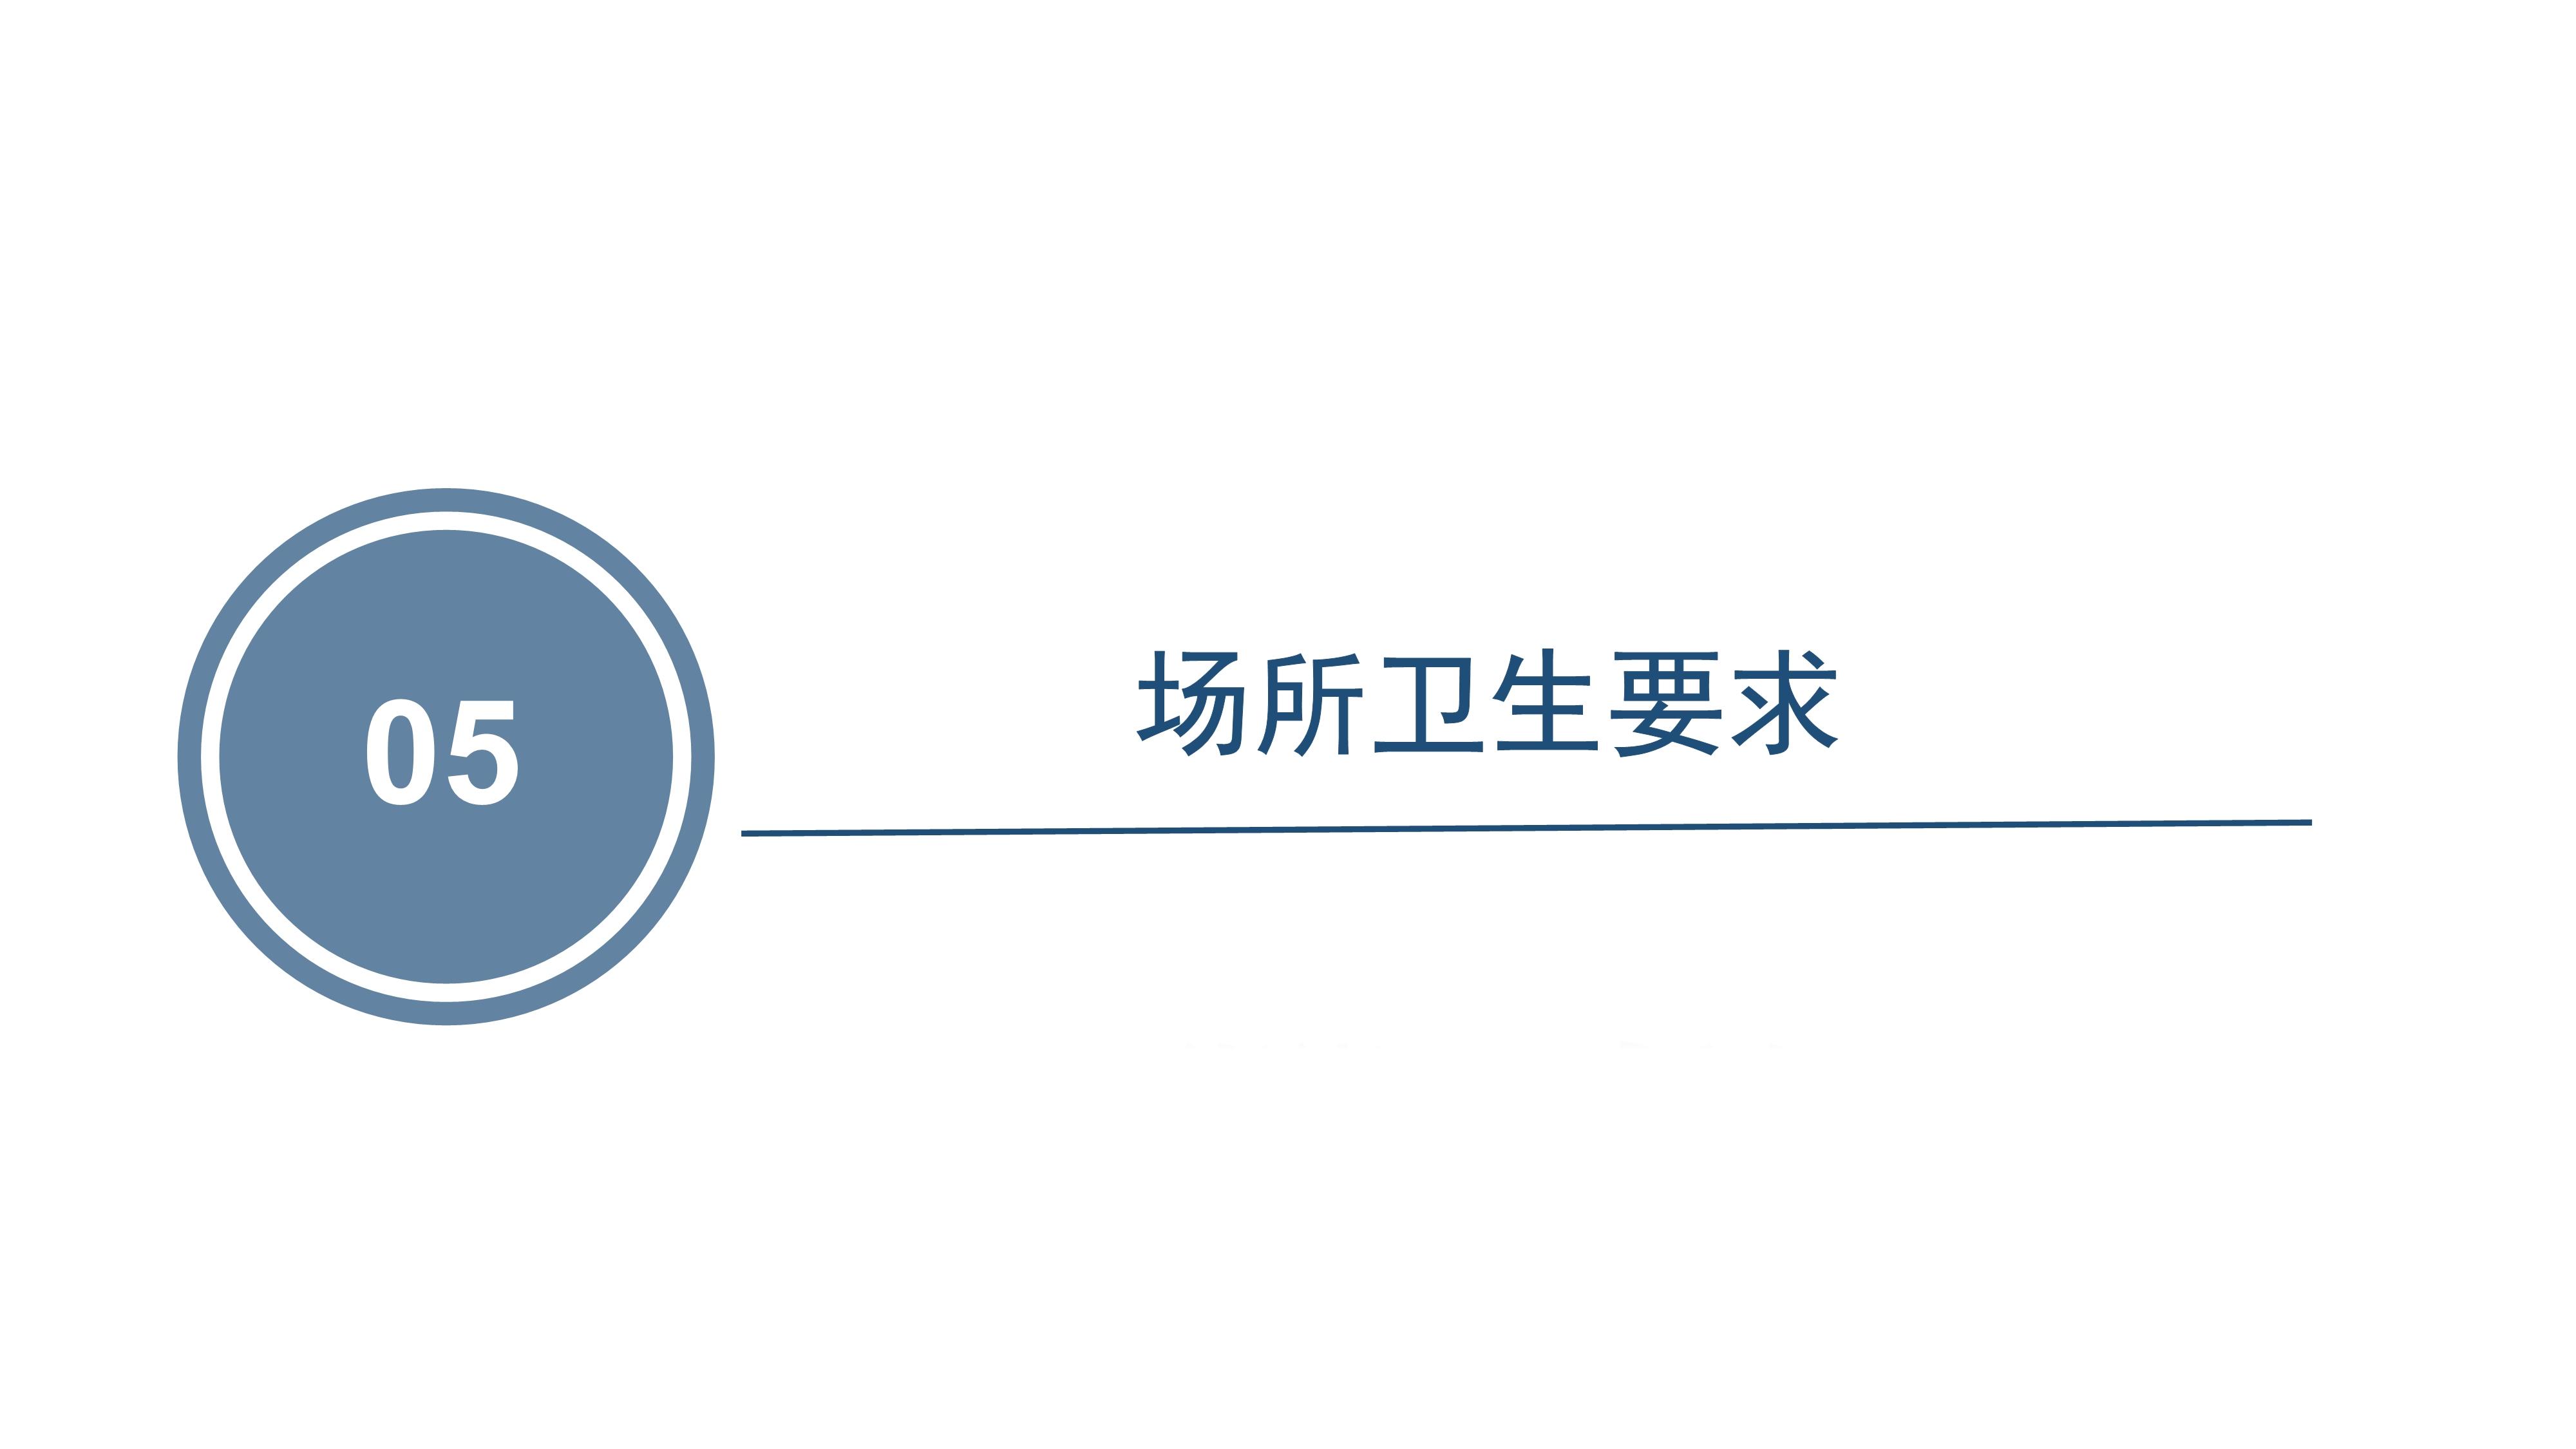 新型冠状病毒肺炎预防手册_73